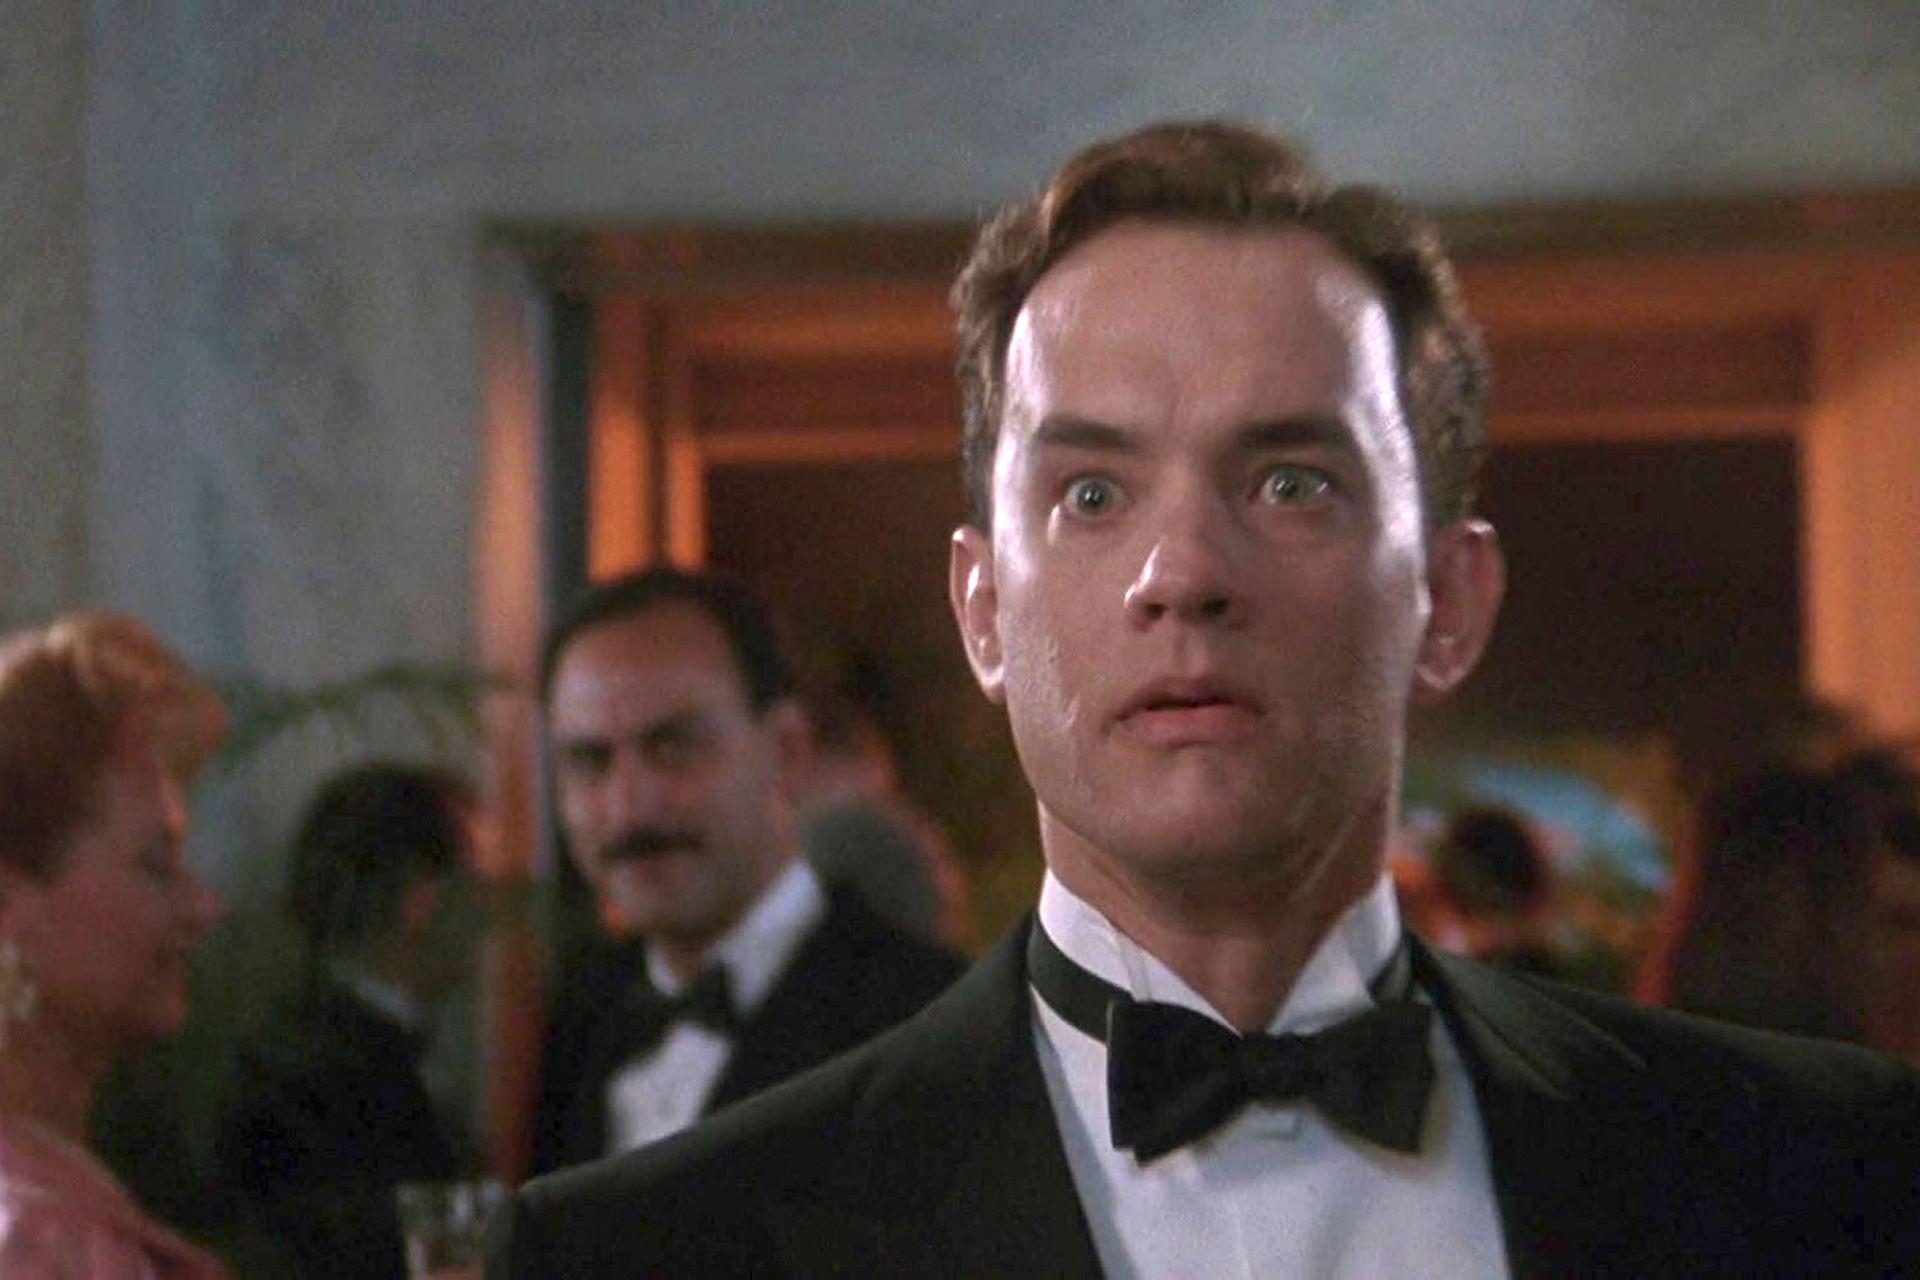 El fracaso del film fue tal, que Tom Hanks hizo una pausa en su carrera para analizar con qué seguir